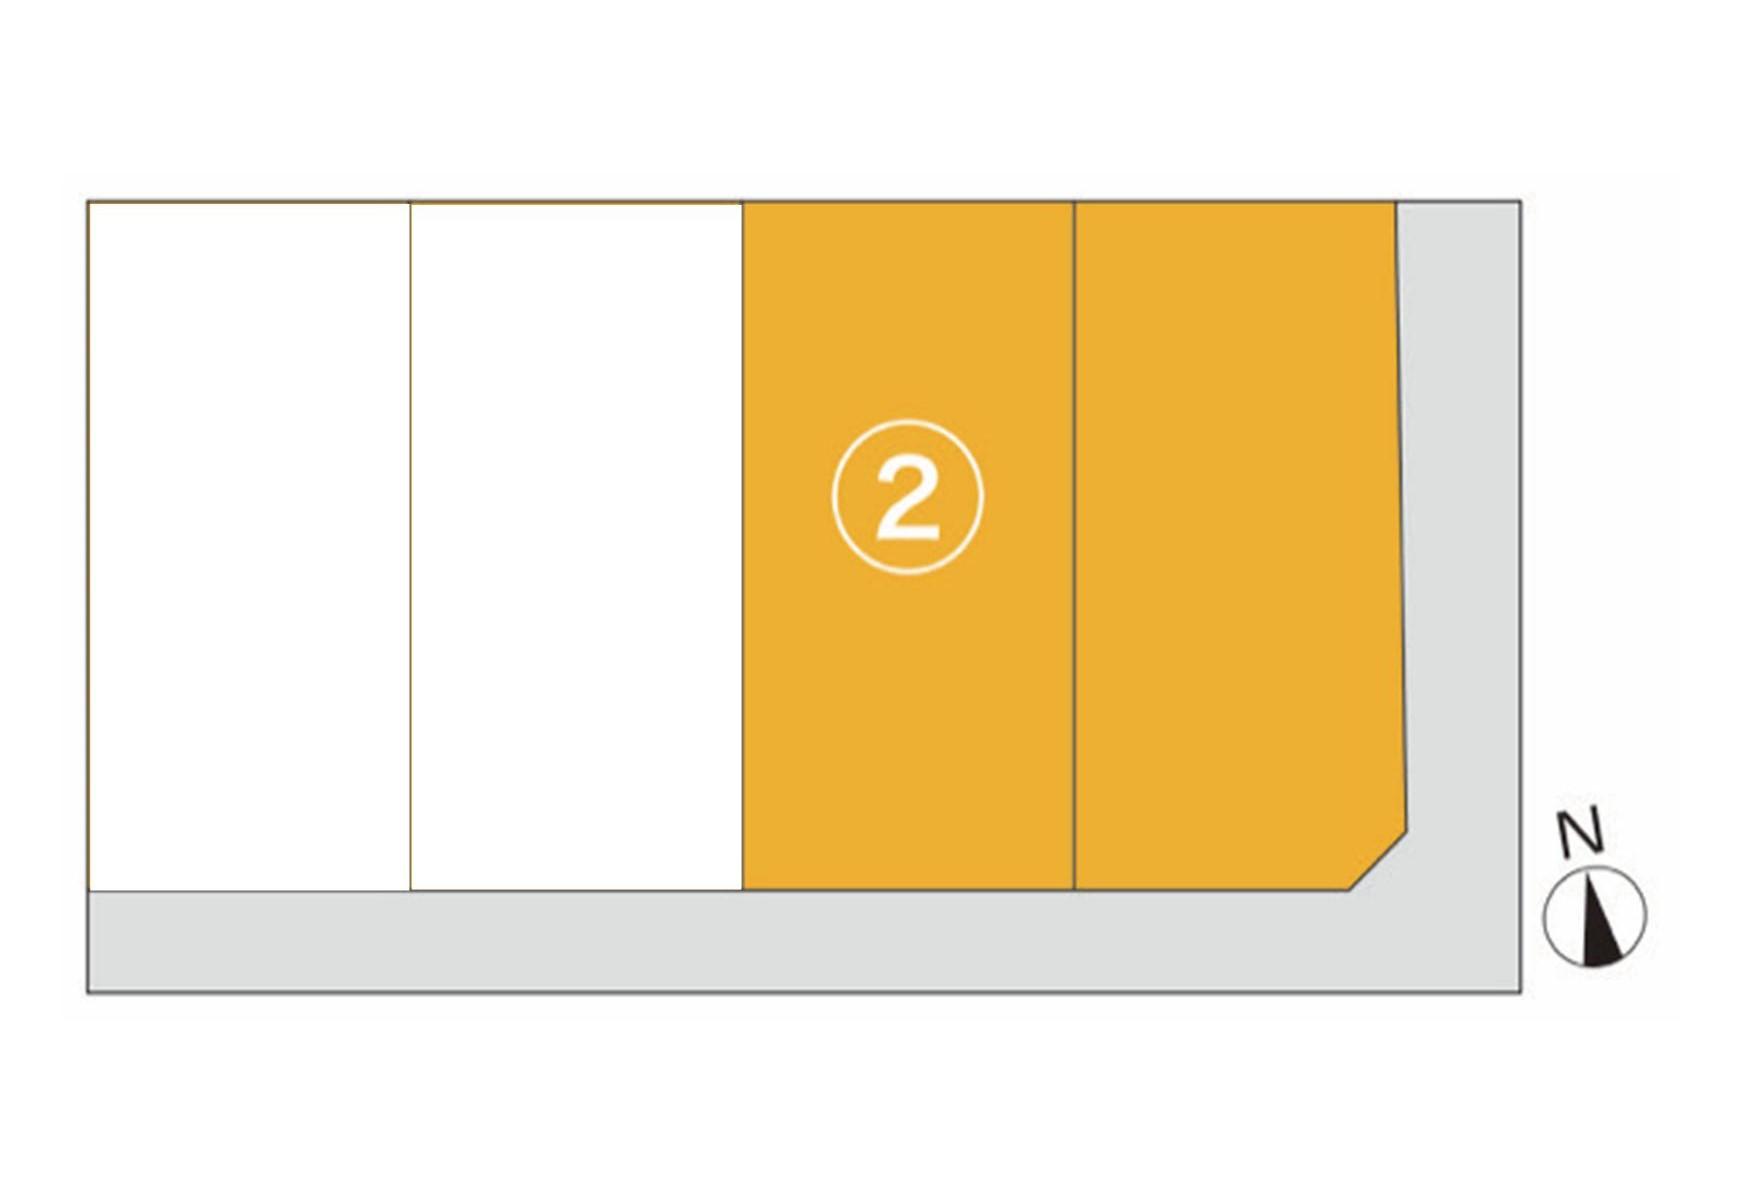 【分譲地】奥州市江刺岩谷堂二本木 分譲地②・アイキャッチ画像